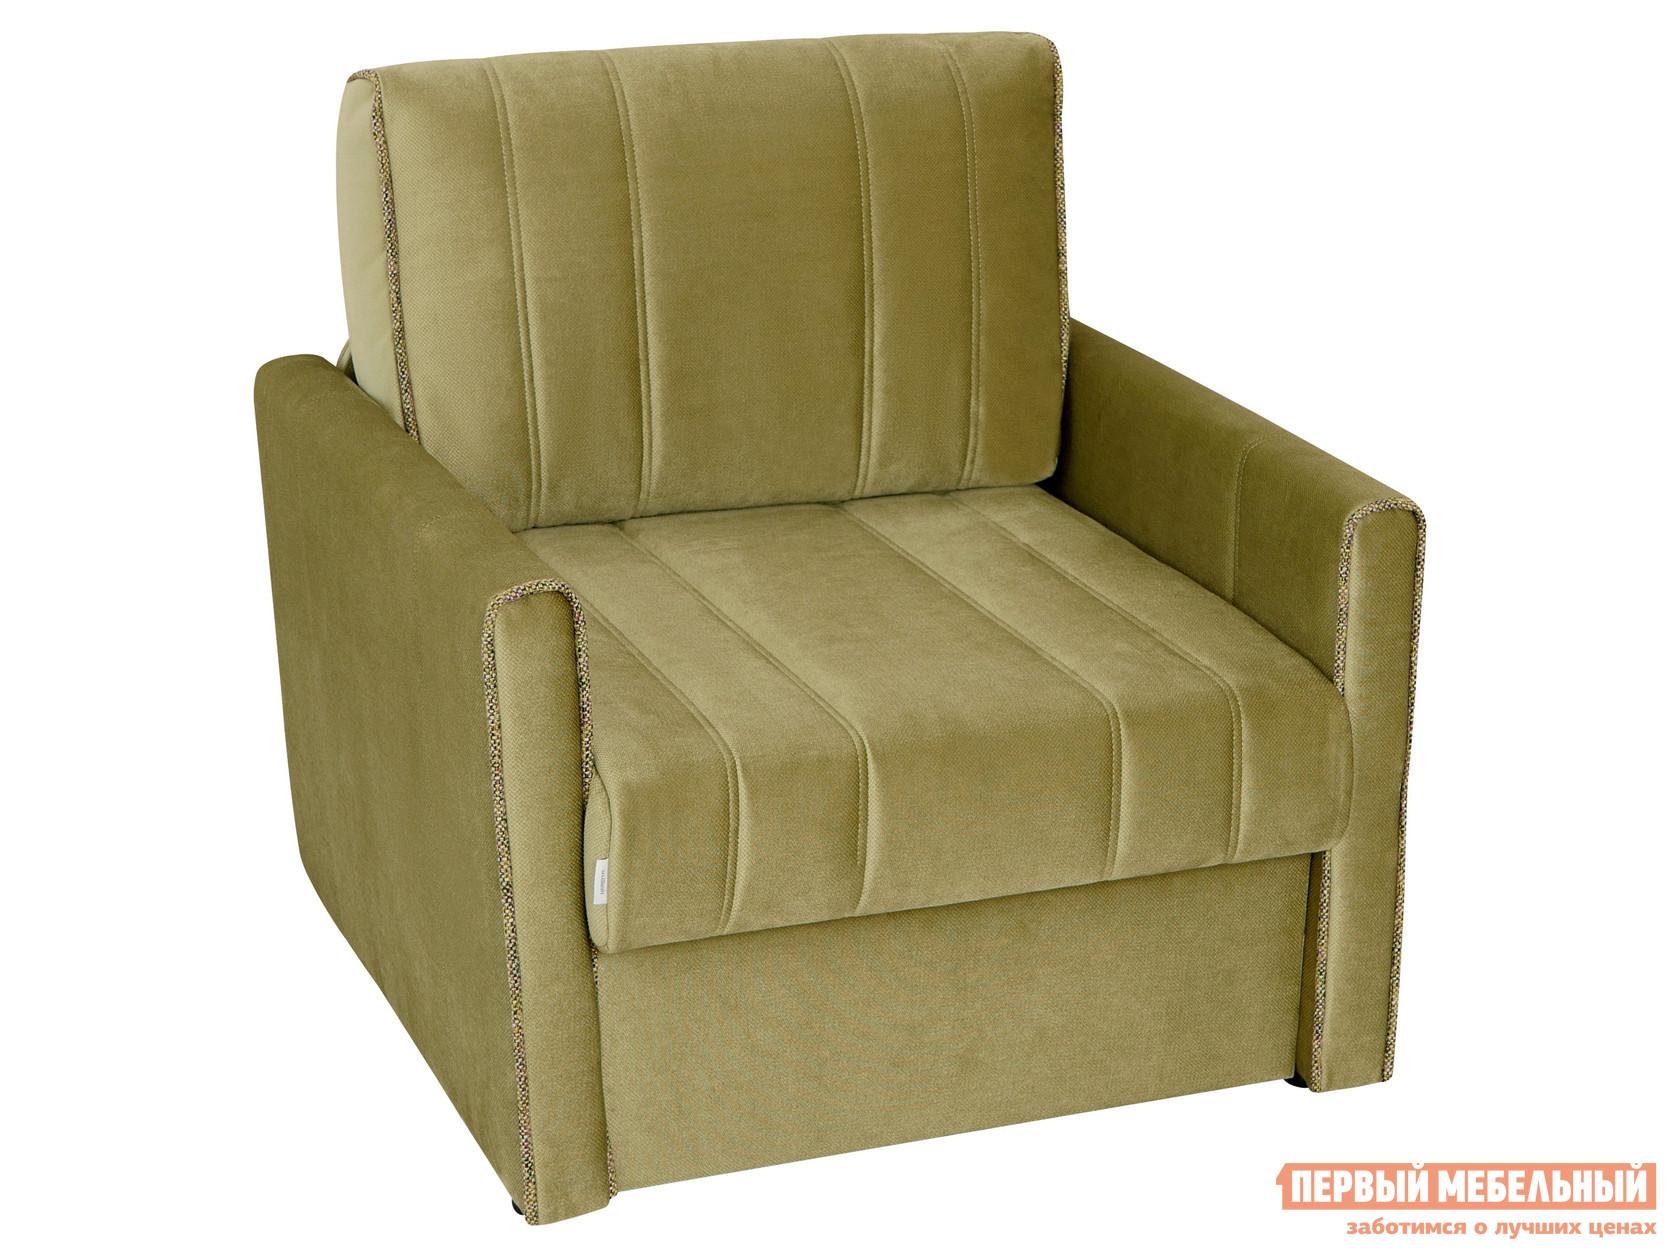 Кресло-кровать Первый Мебельный Кресло-кровать Милан